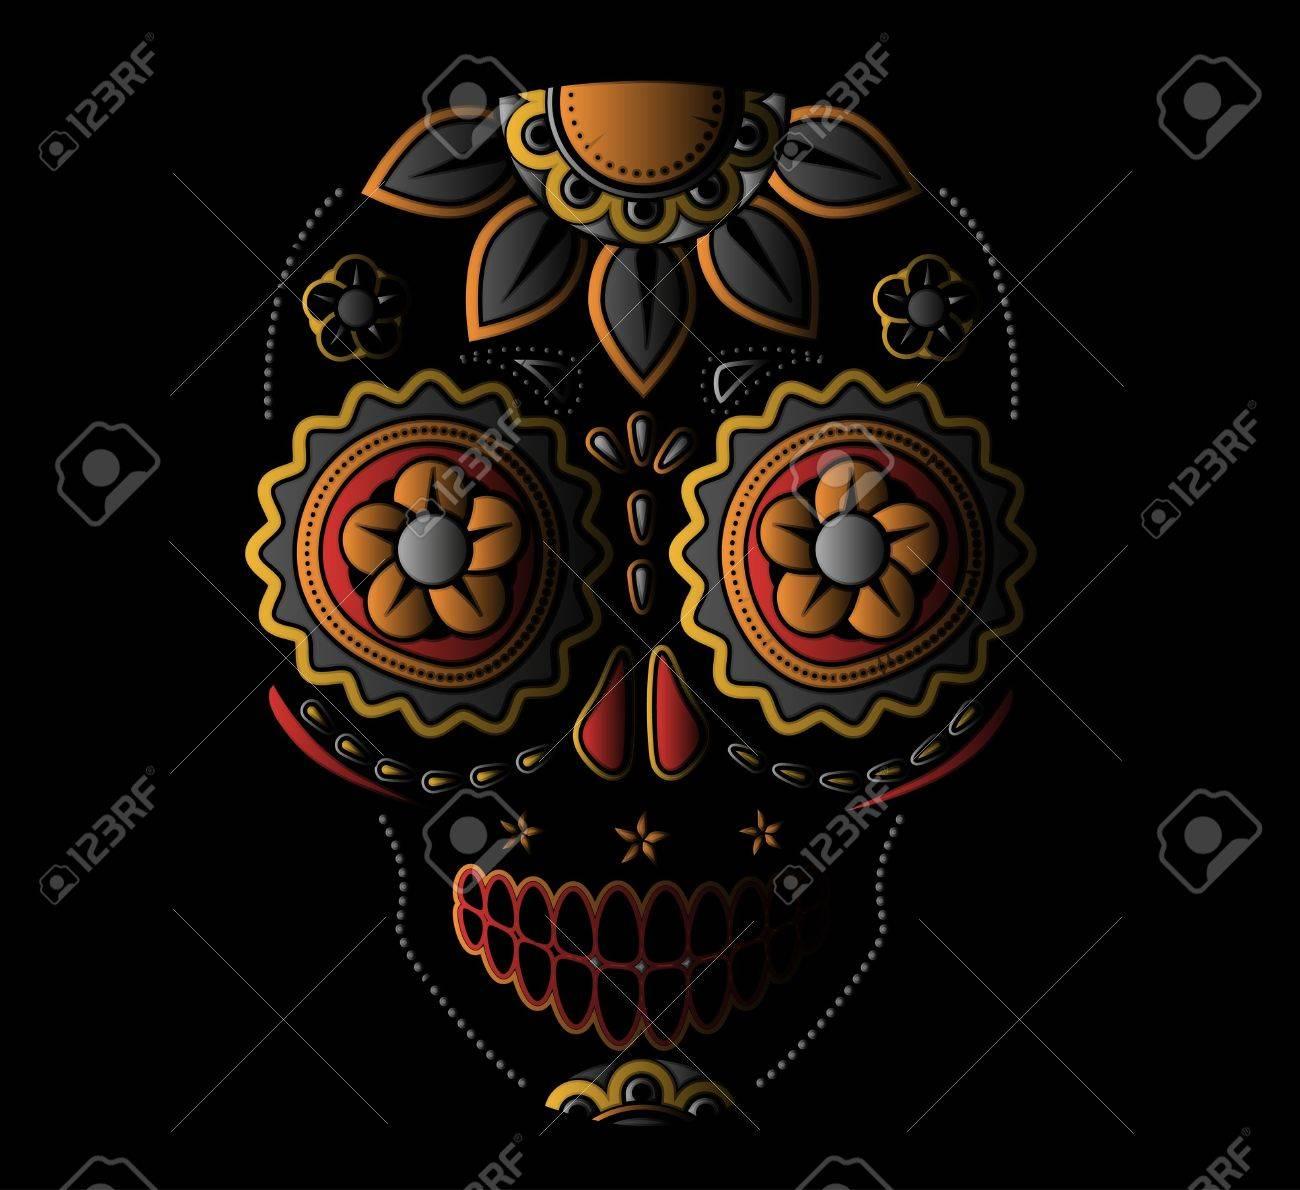 Day of the dead sugar skull - 21563464